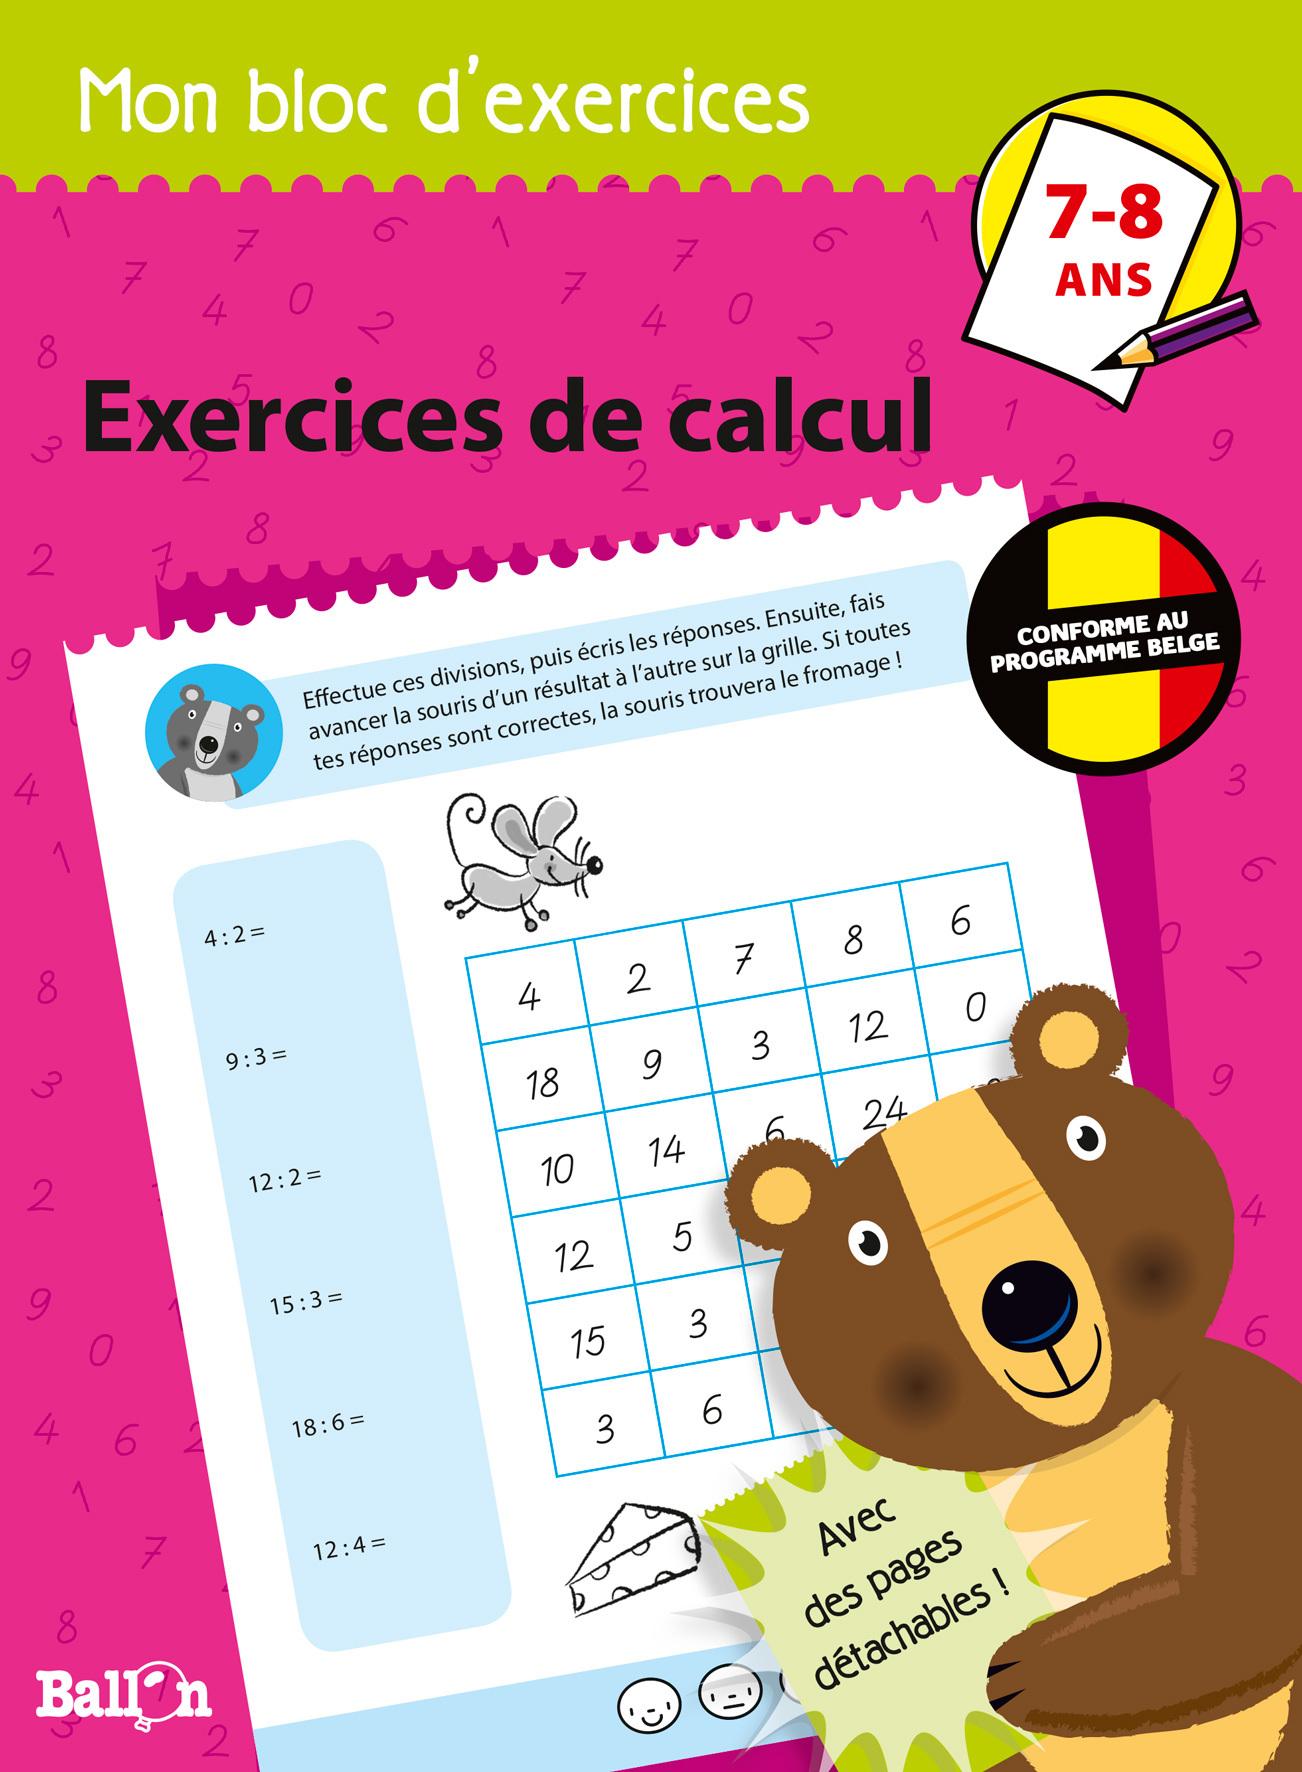 EXERCICES DE CALCUL 7-8 ANS